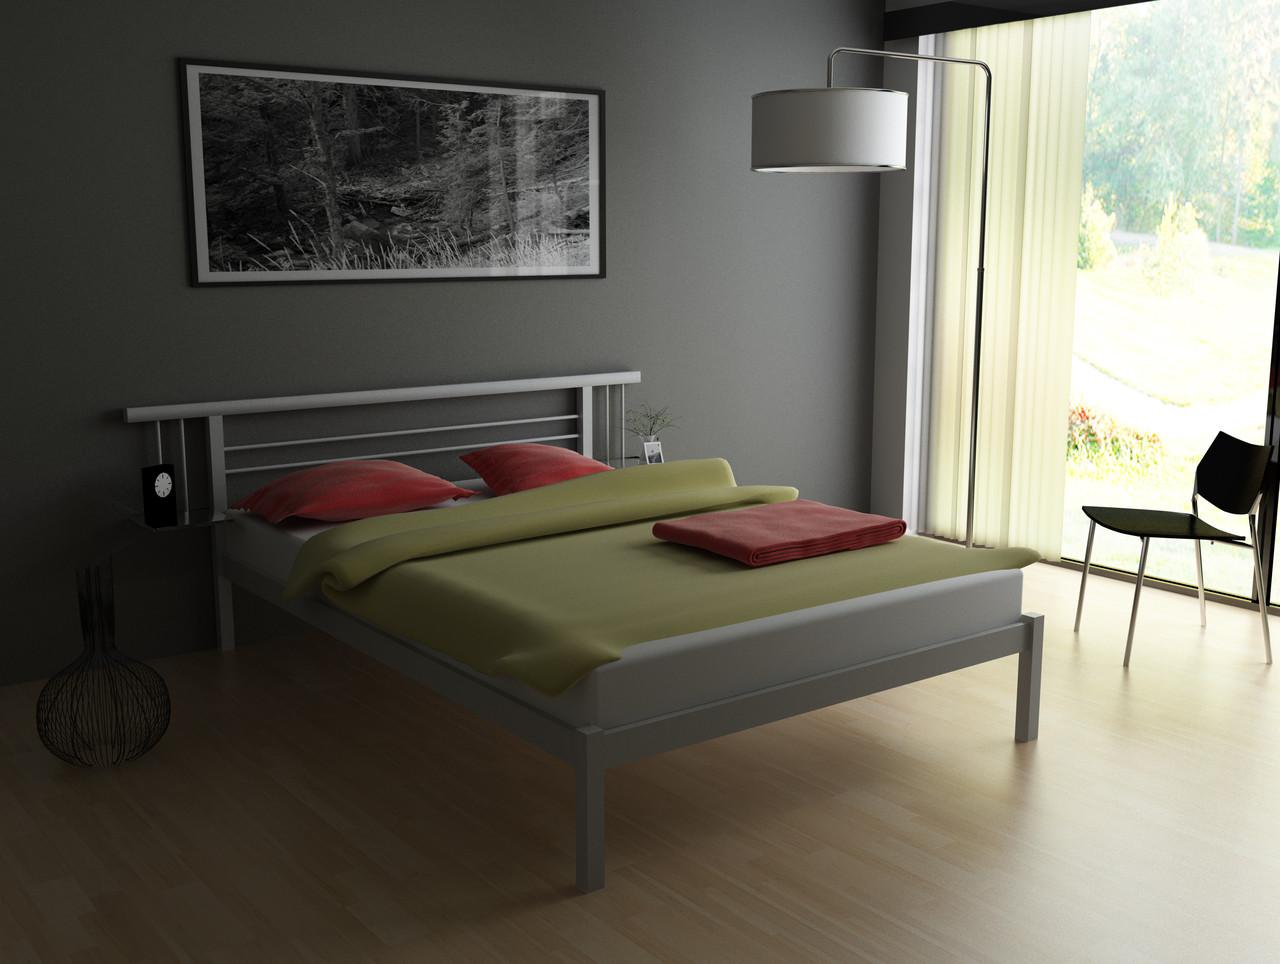 Кровать металлическая ASTRA (Астра)